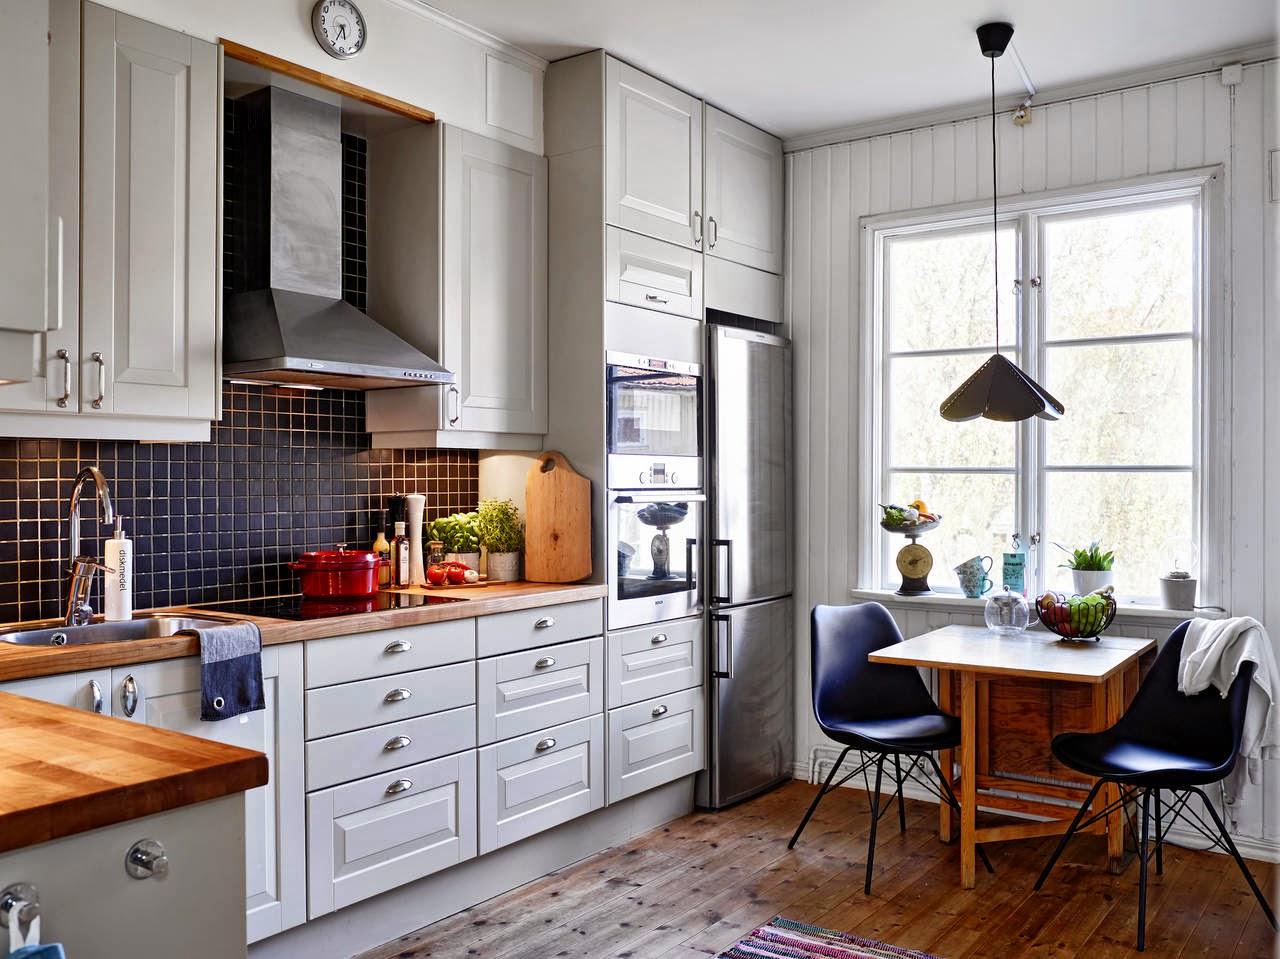 inspiracion-deco-estilo-nordico-estilo-escandinavo-pared-de-ladrillo-casa-nordica-diseno